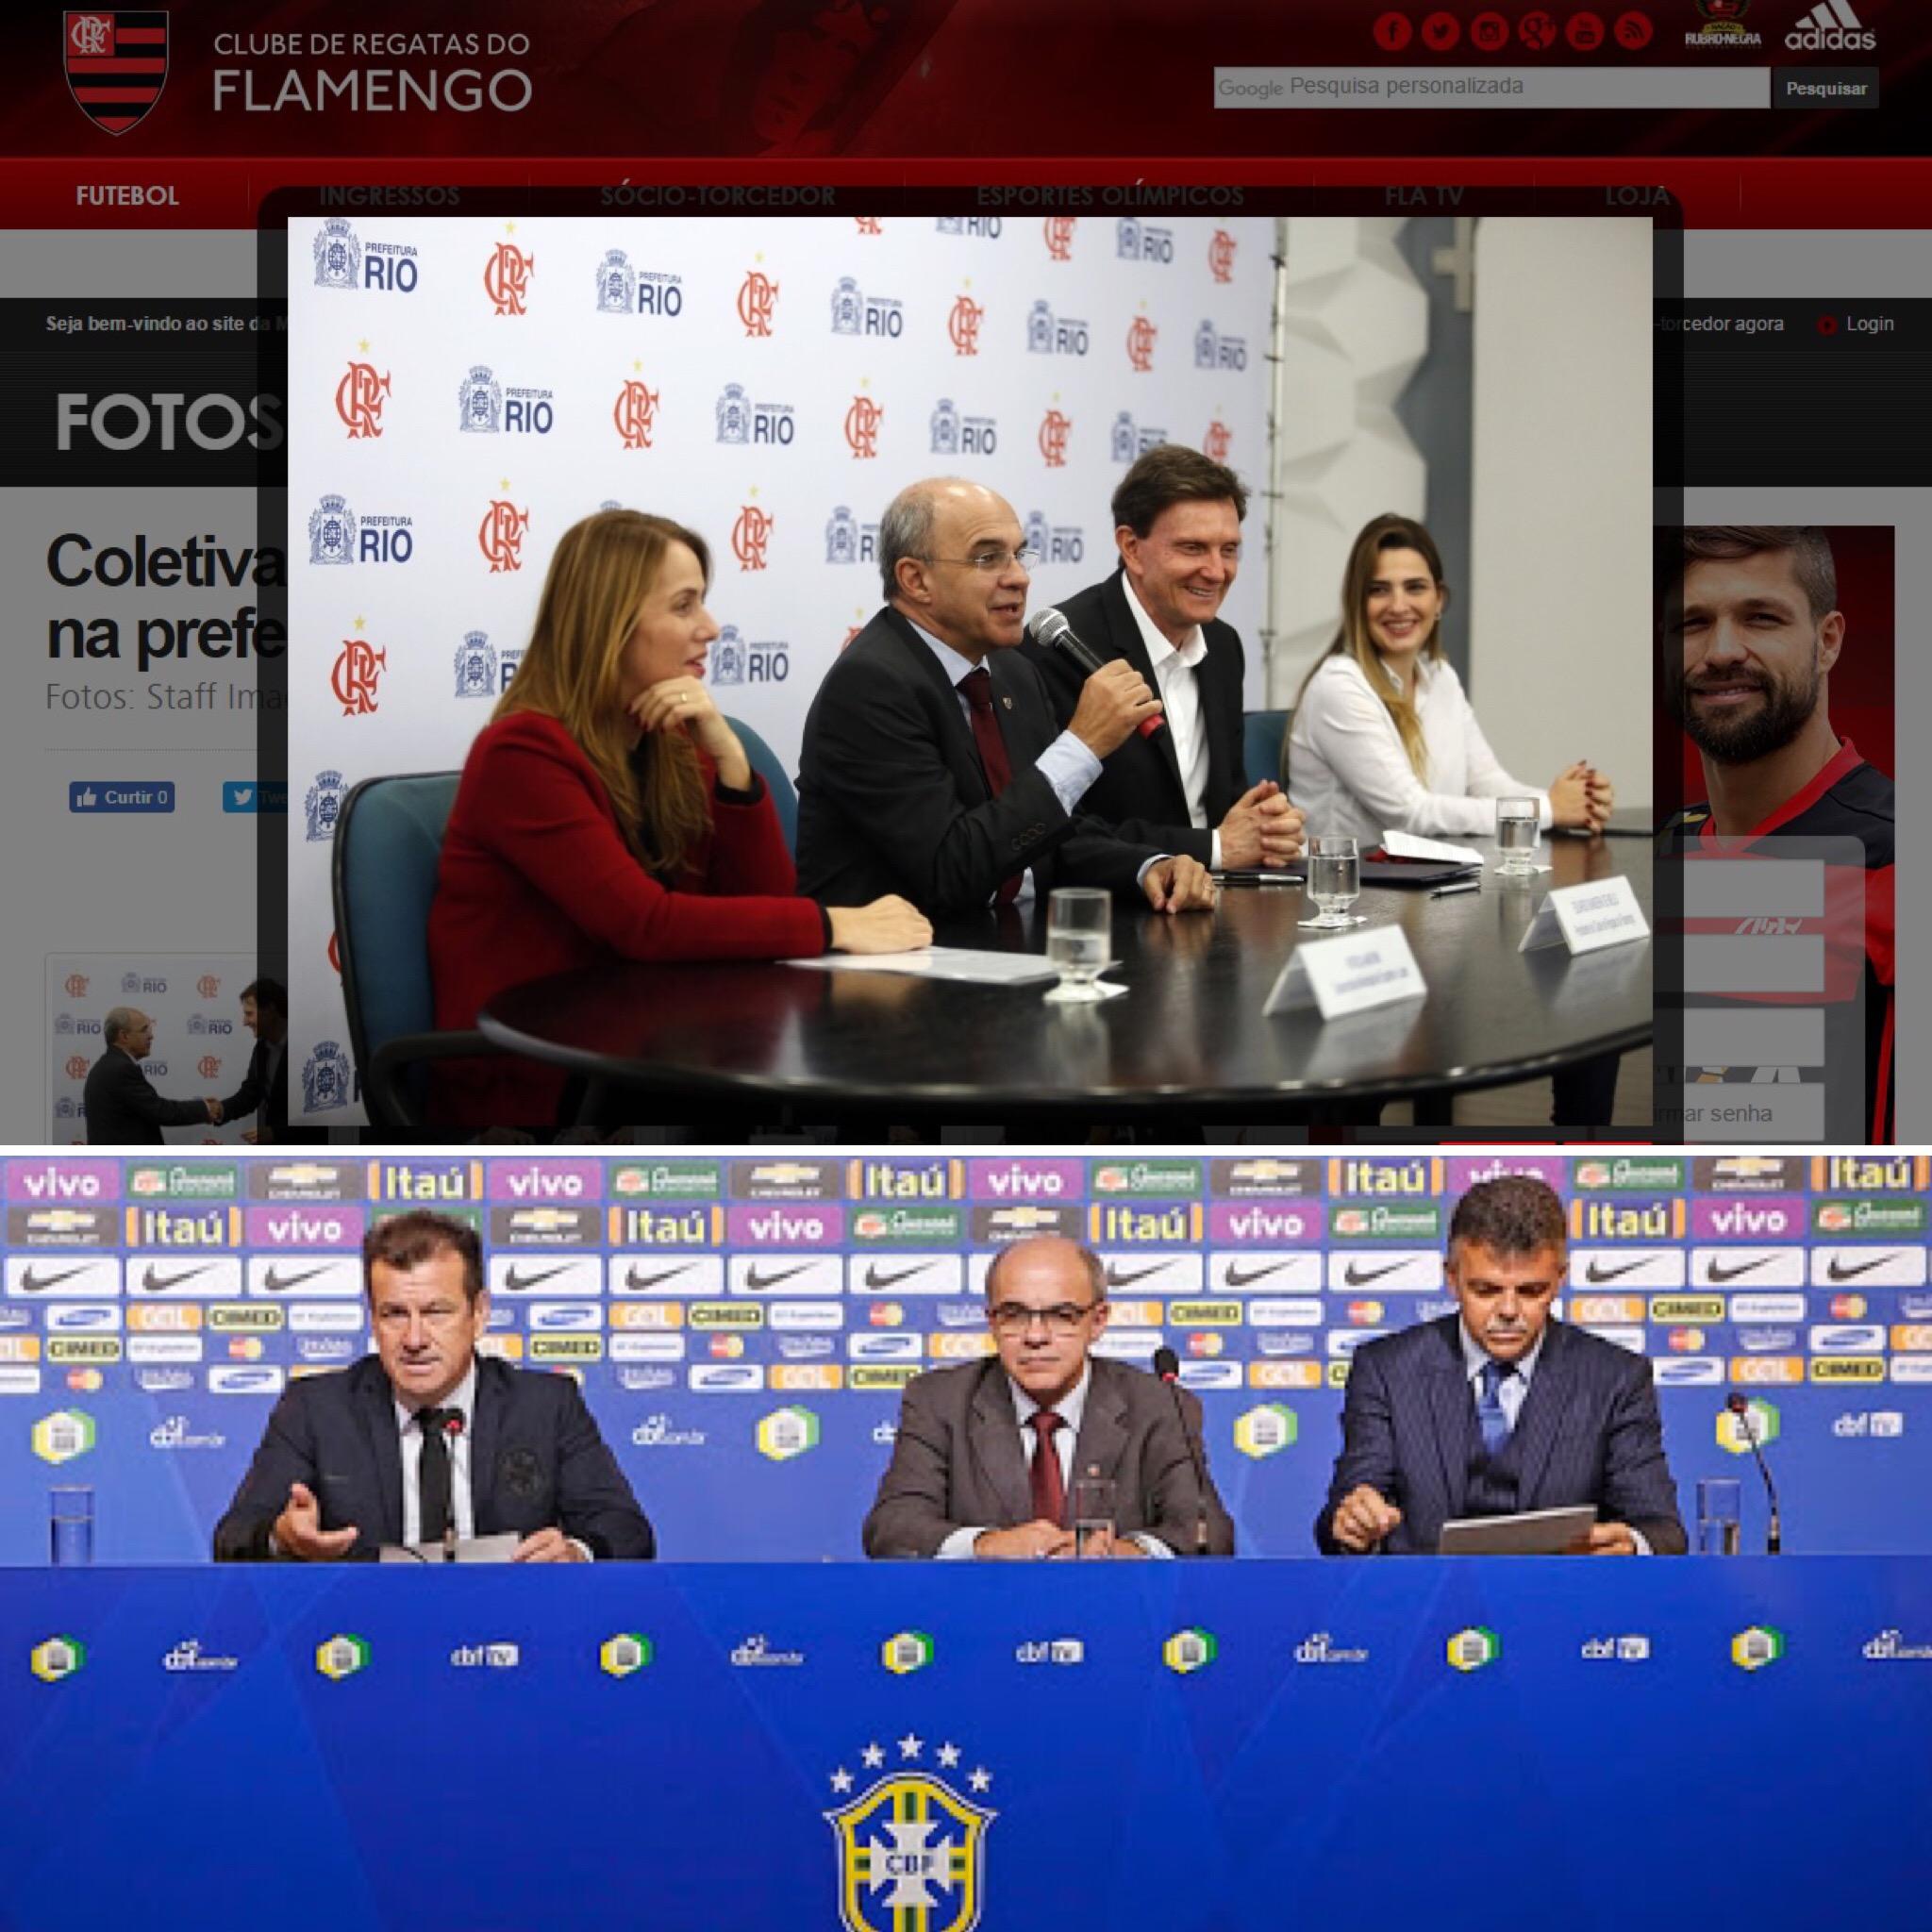 Presidente do Flamengo com o prefeito do Rio, Marcelo Crivella, e em convocação da seleção